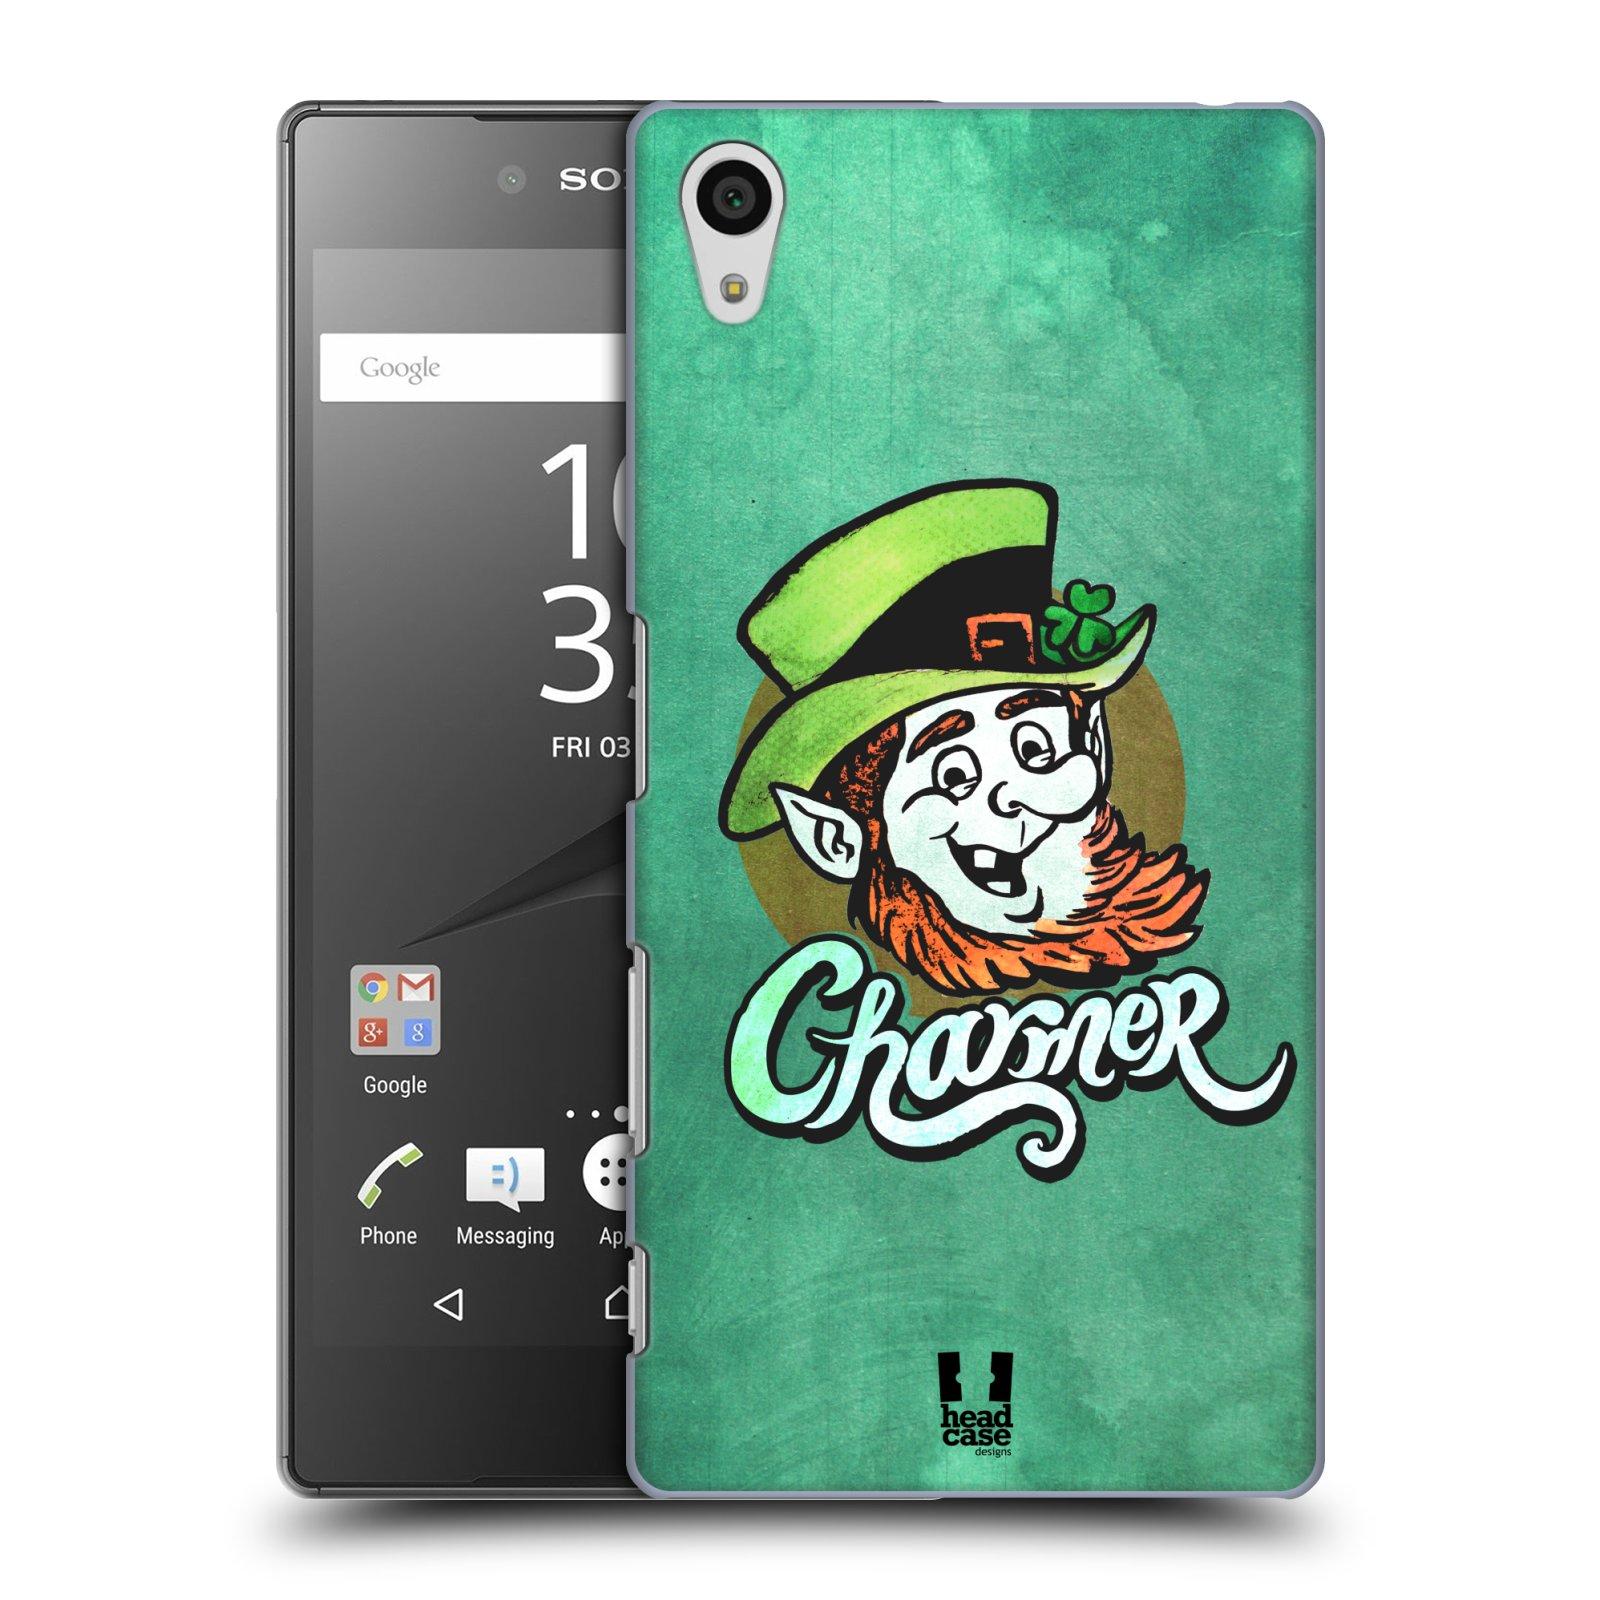 Plastové pouzdro na mobil Sony Xperia Z5 HEAD CASE CHARMER (Kryt či obal na mobilní telefon Sony Xperia Z5 E6653)